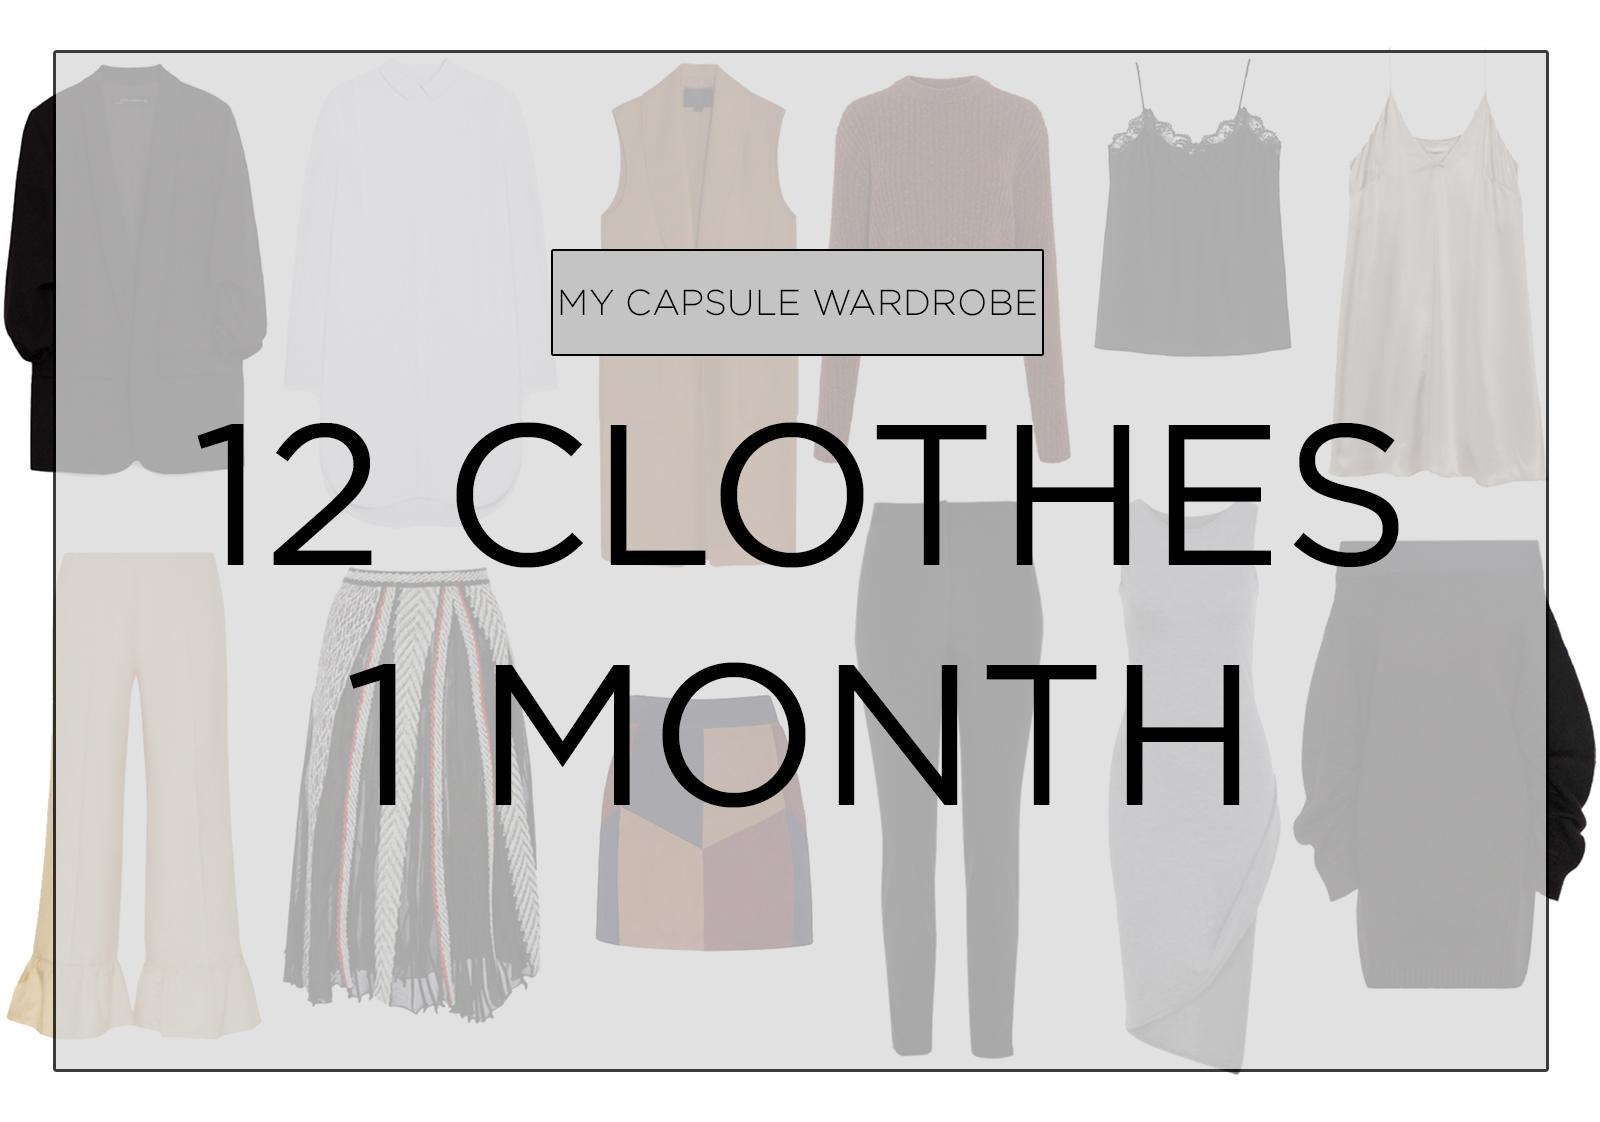 capsule wardrobe-itscamilleco.com